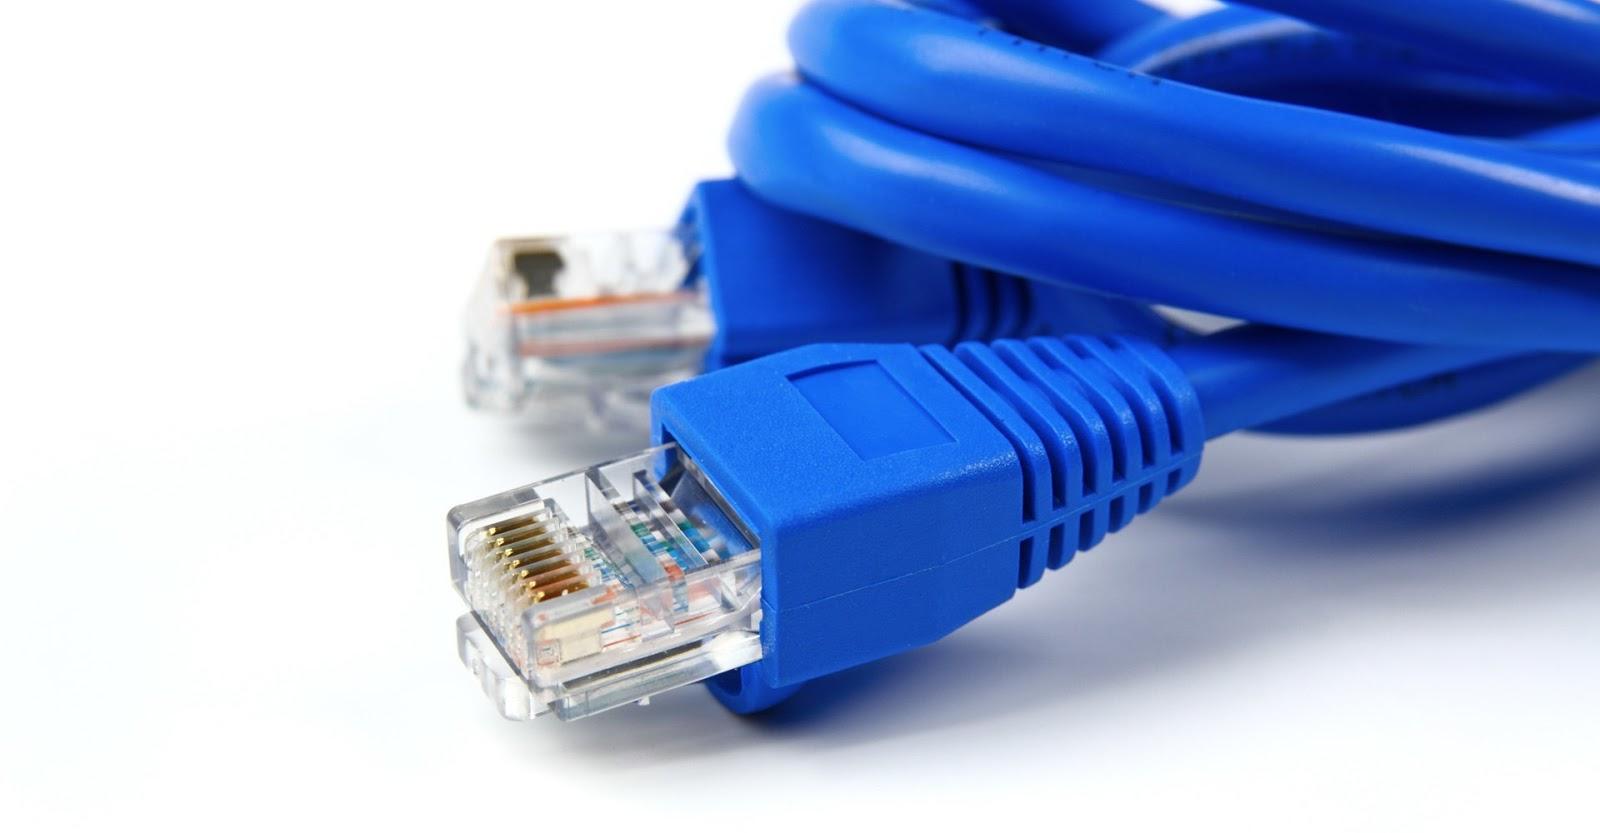 network wiring volvo v70 diagram 2005 scavenger 39s blog raspberry pi starter kit